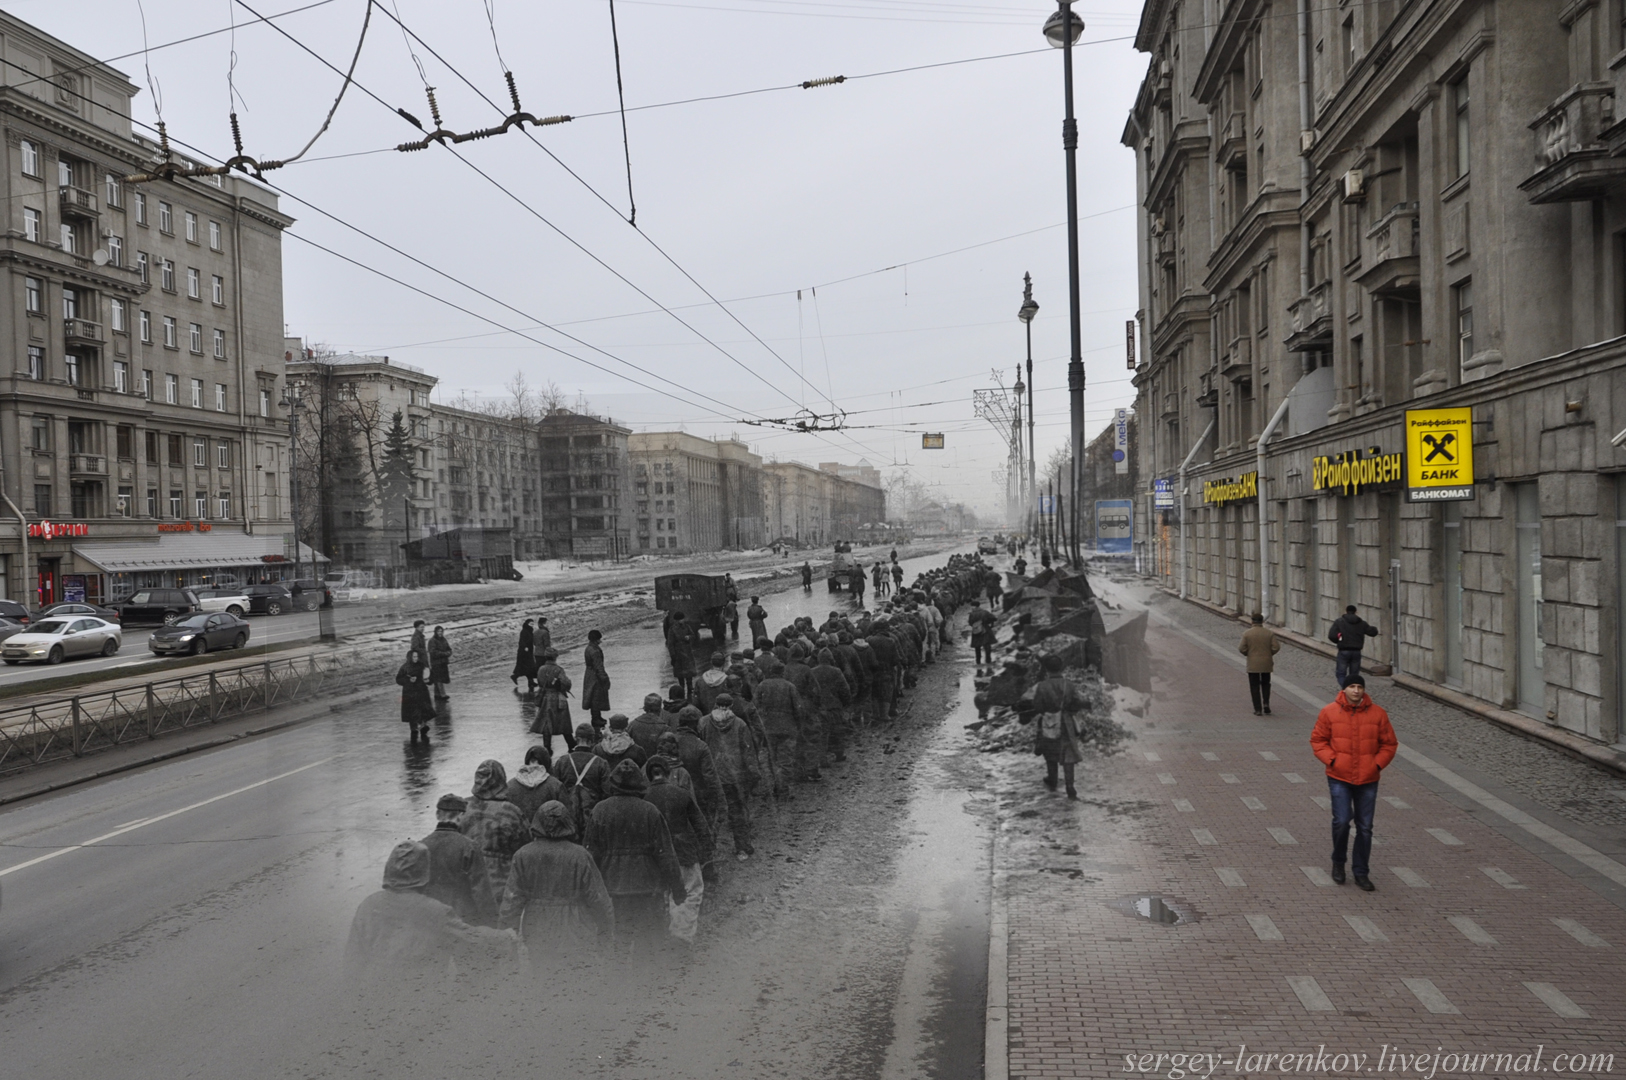 284.Ленинград 1944-2013 Московский проспект. Пленные